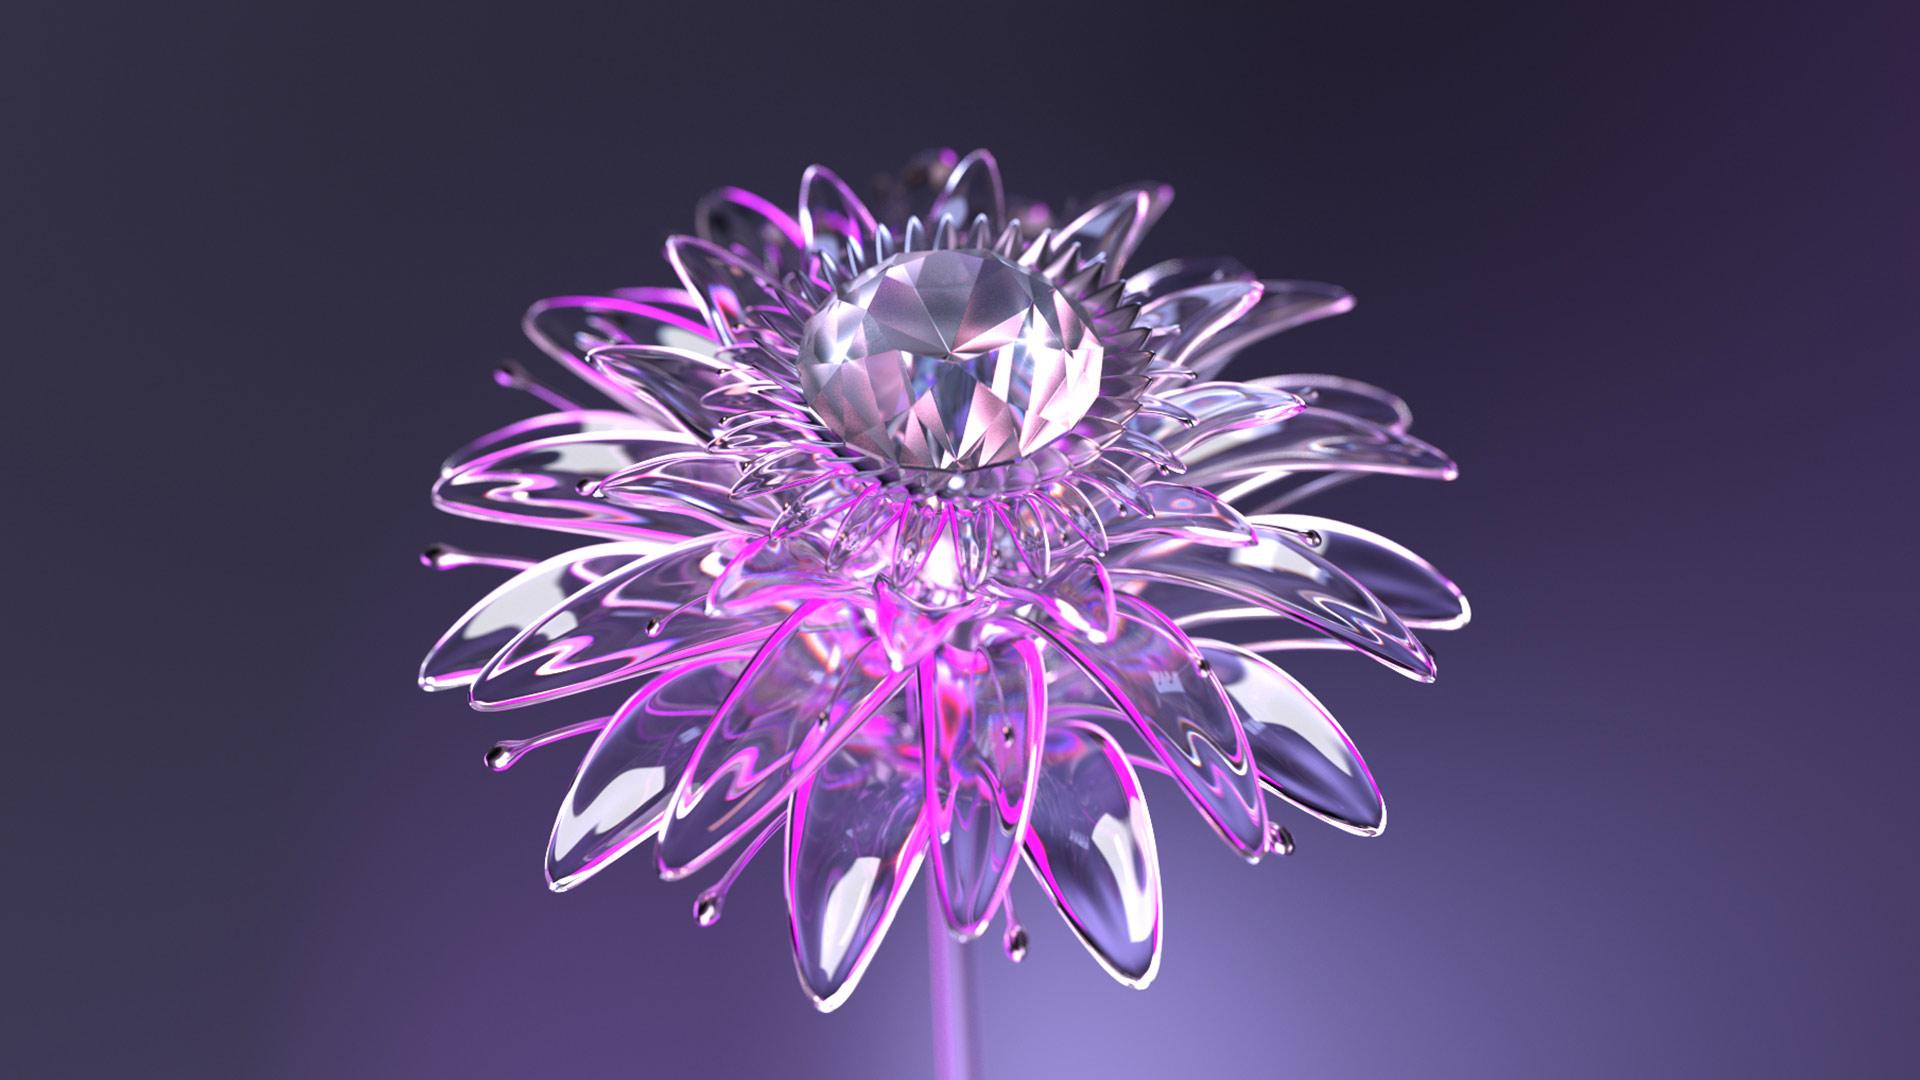 flowerline_03_4